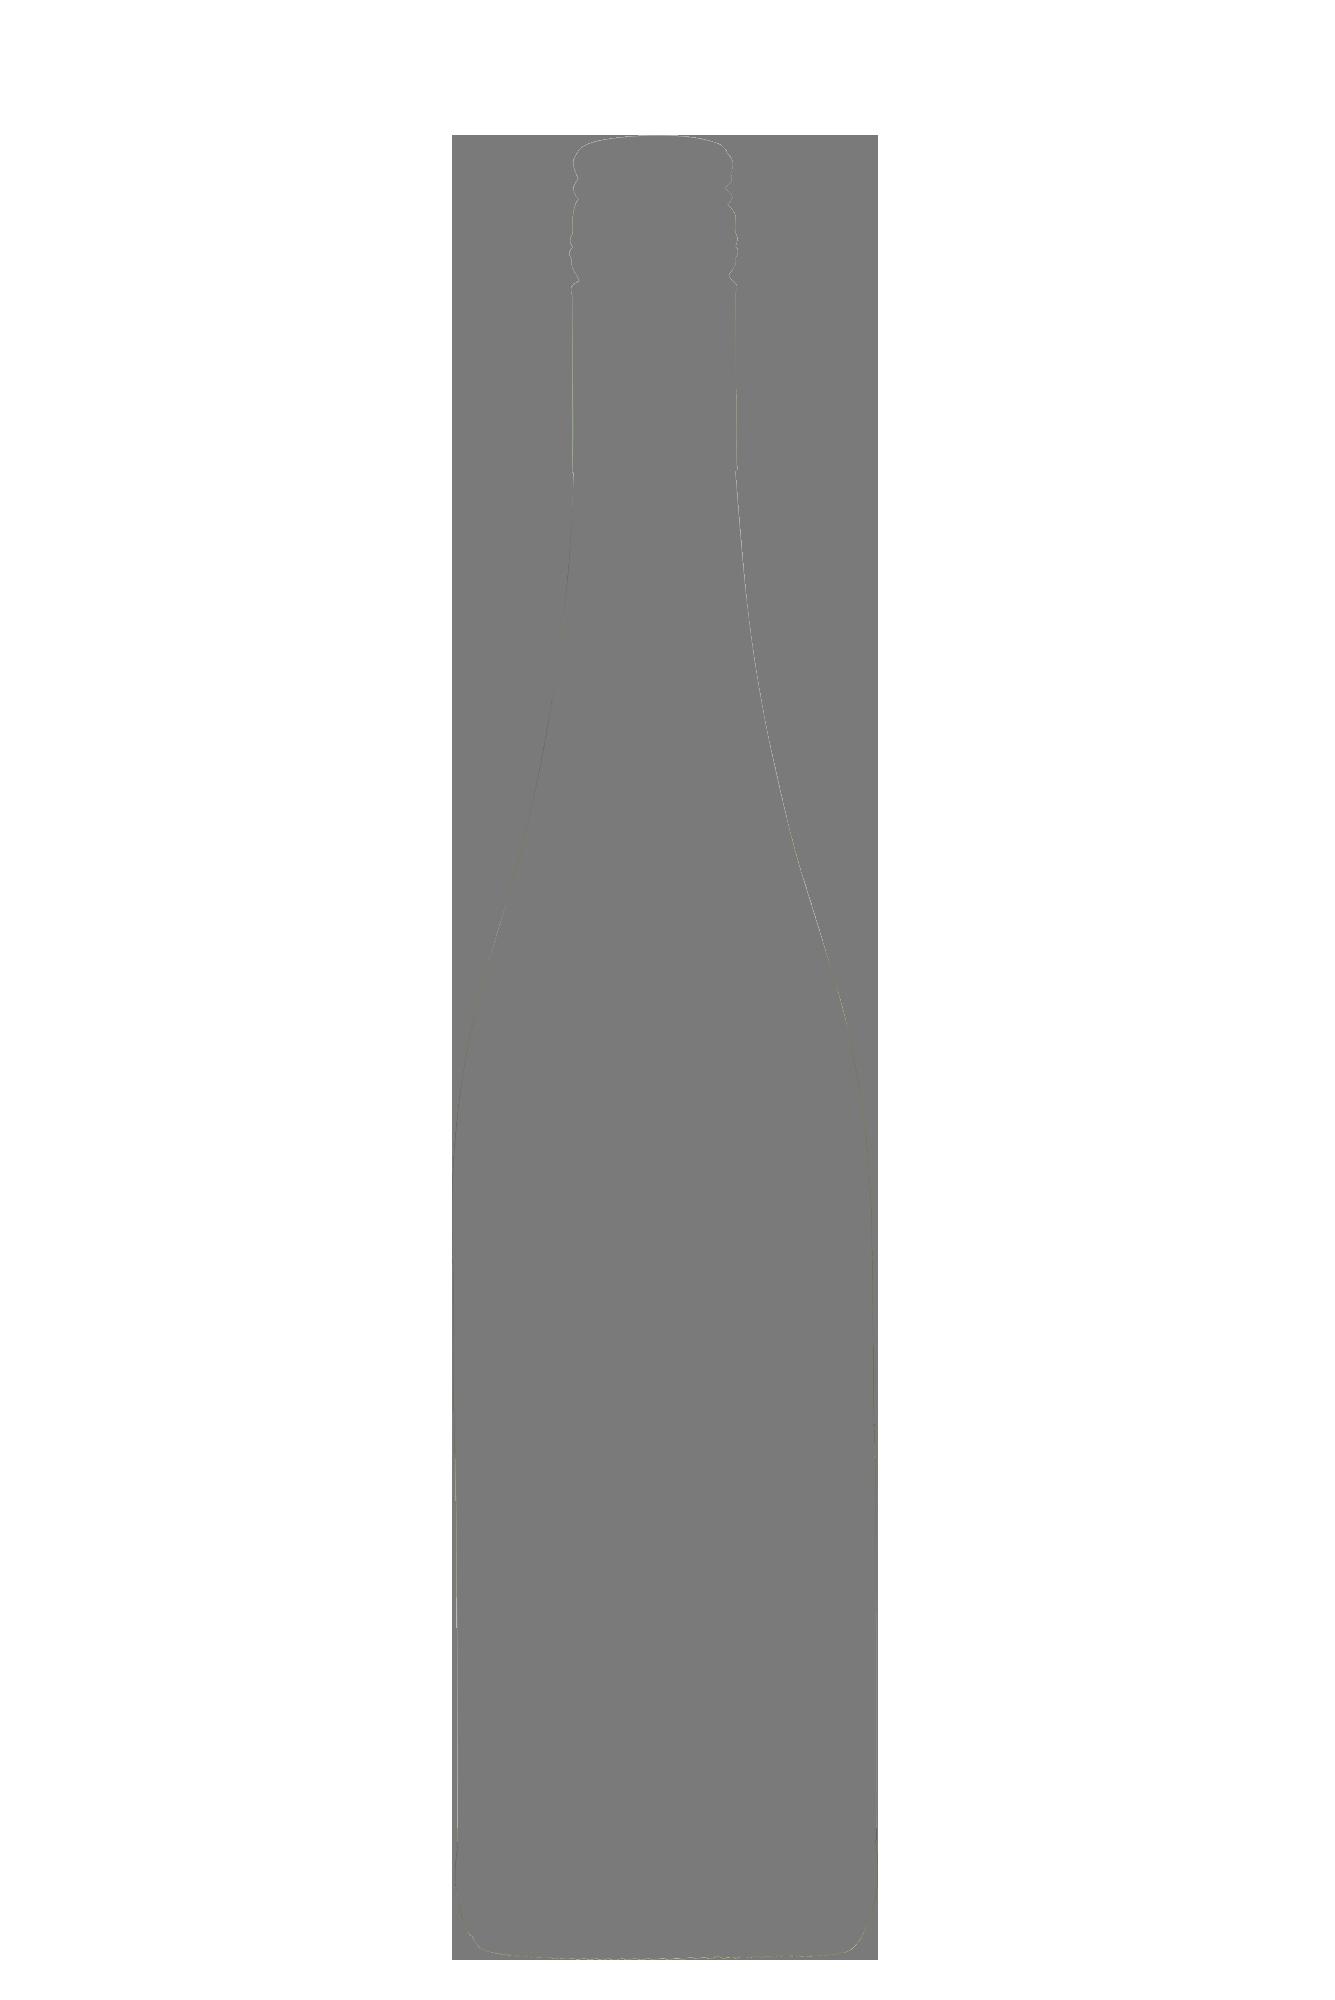 Scheurebe